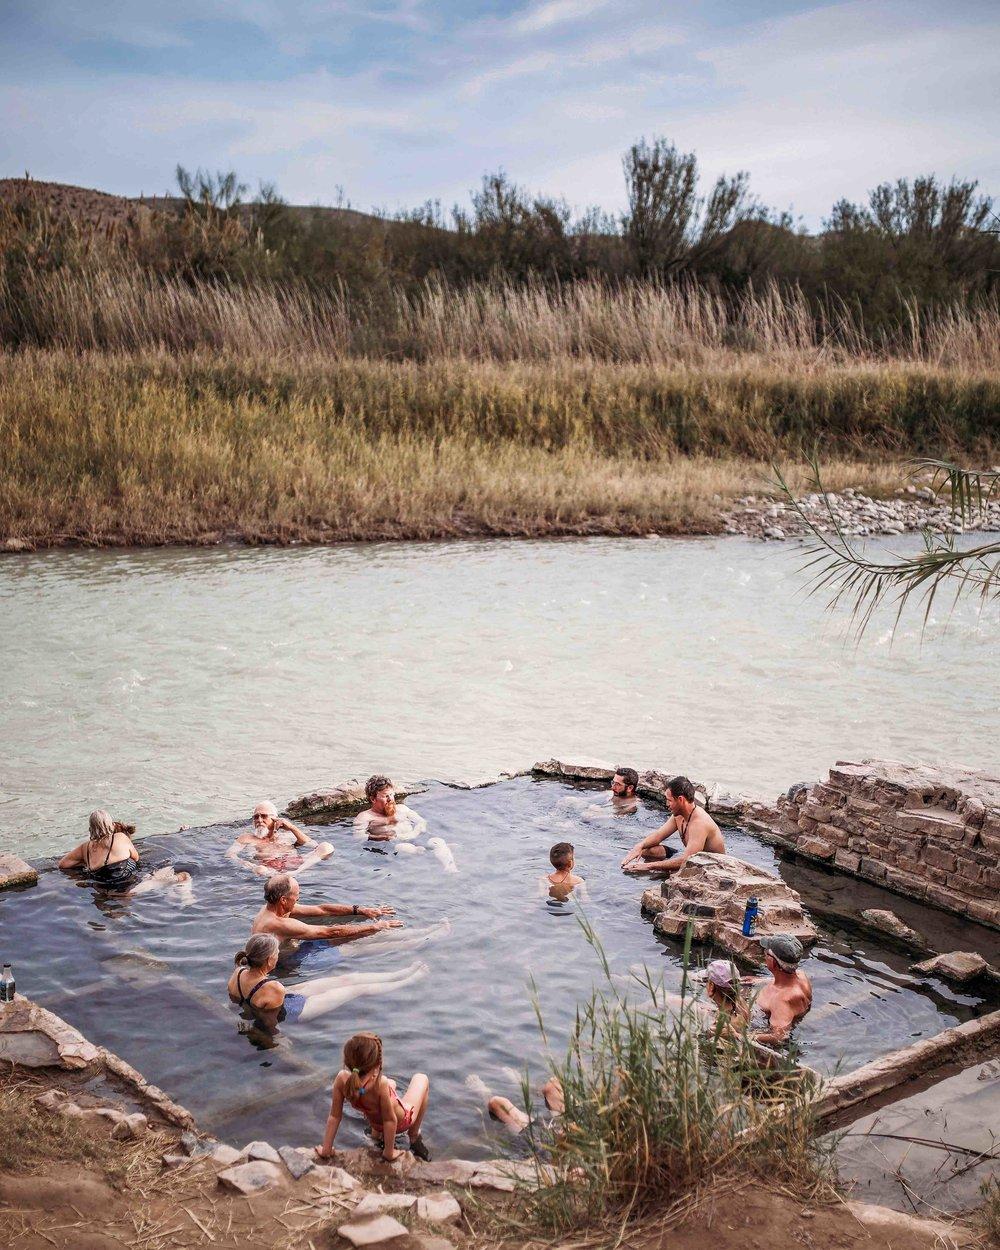 Hot Springs00001.jpeg